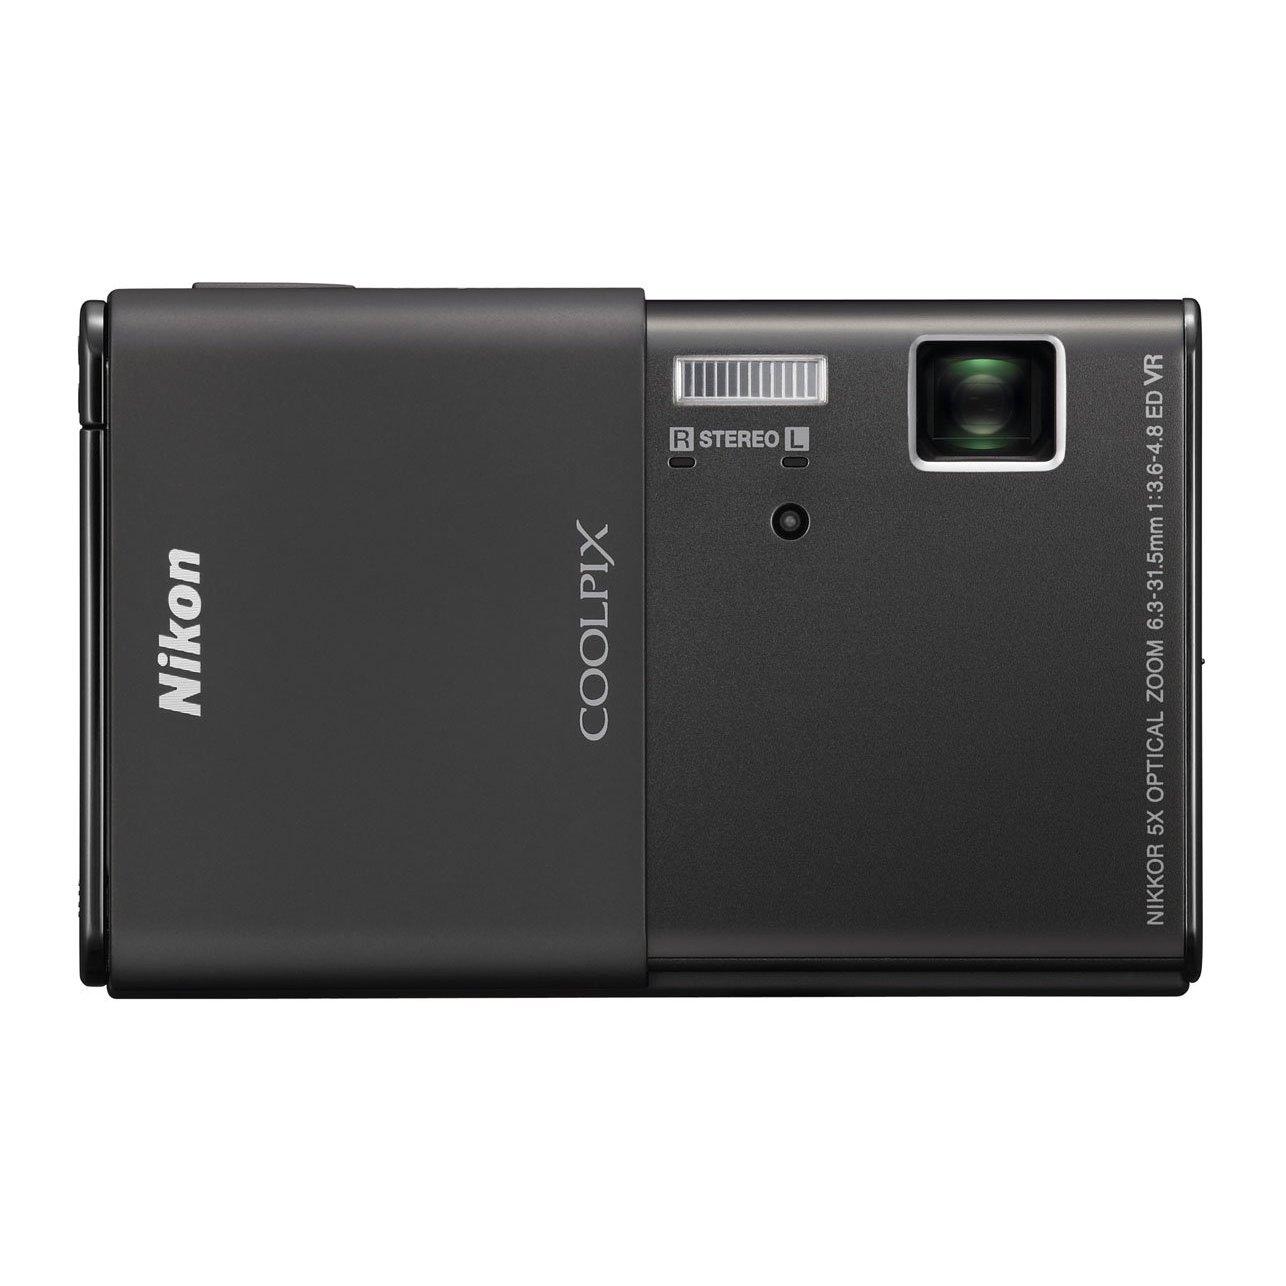 Nikon Coolpix S80 14.1 MP Digital Camera